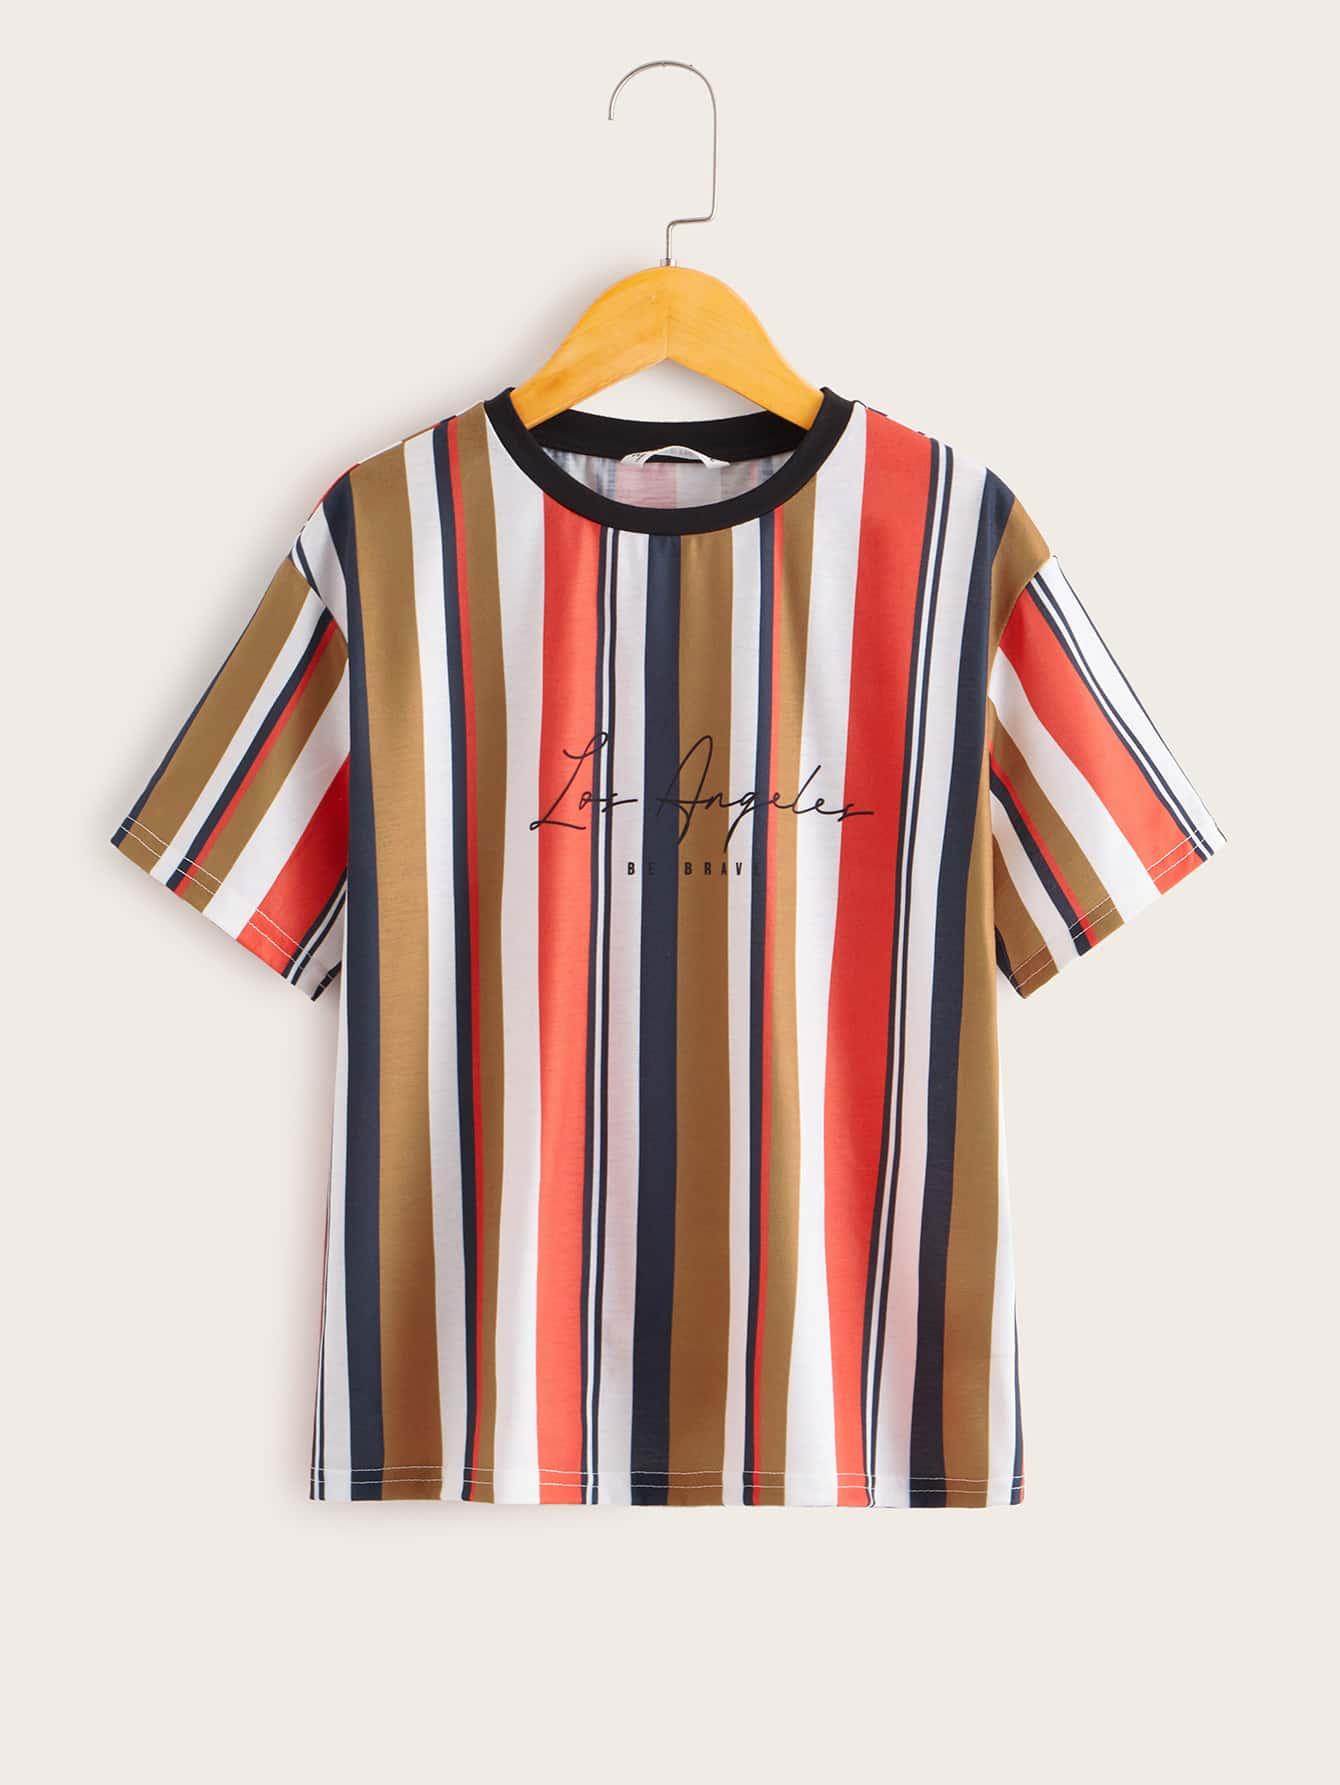 SHEIN Полосатая футболка с текстовым принтом для мальчиковsktee07200102746